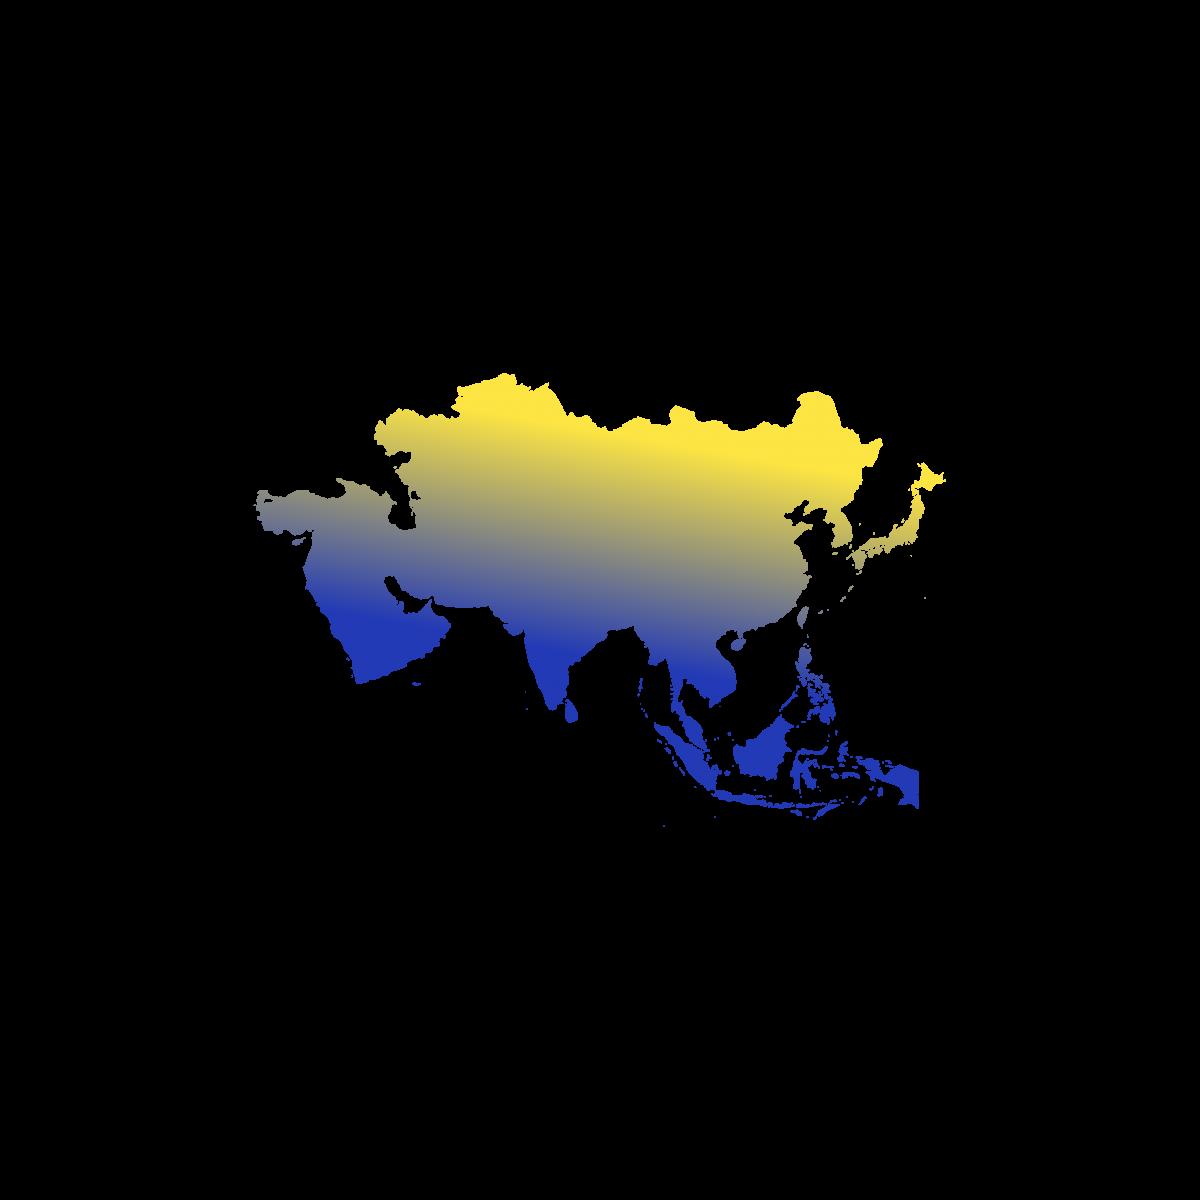 Illustration du continent Asie. Eu Coordination agence de traduction de documents dans les langues d'Asie.